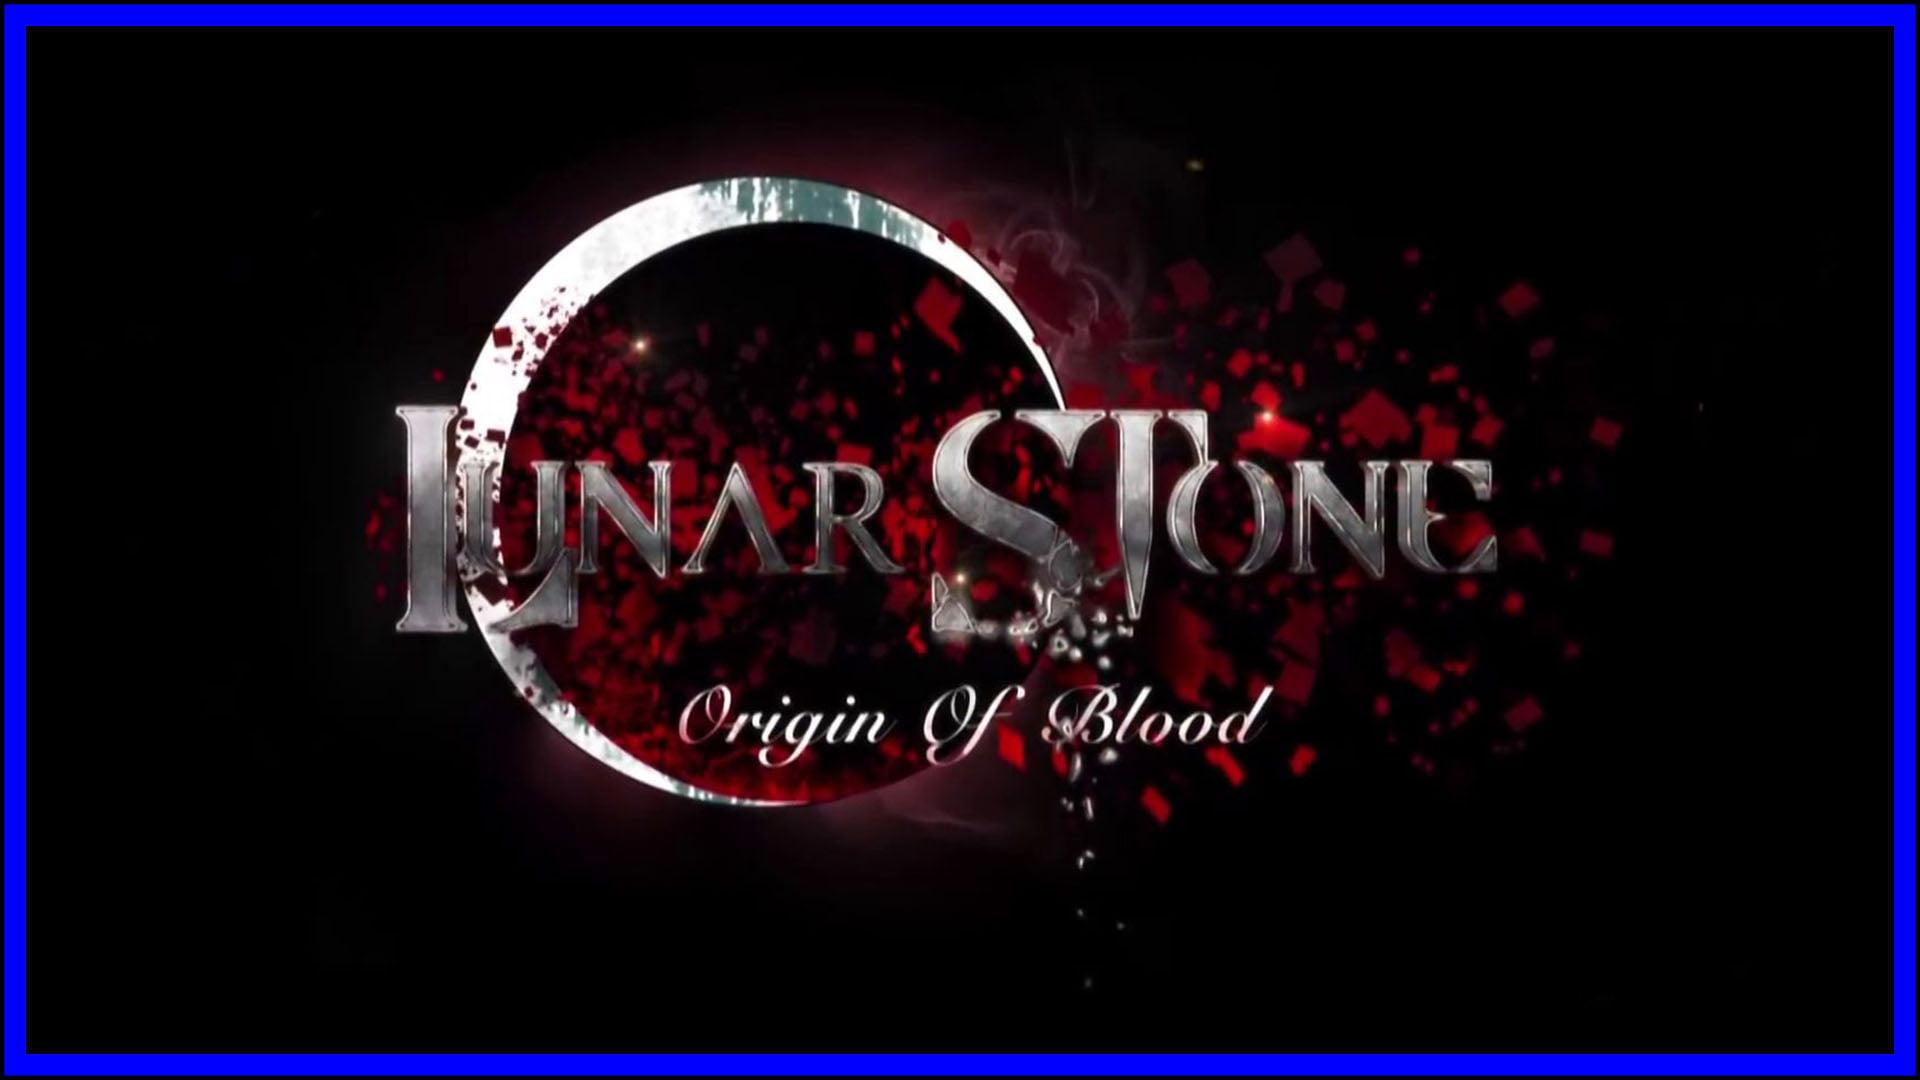 Lunar Stone Fi3